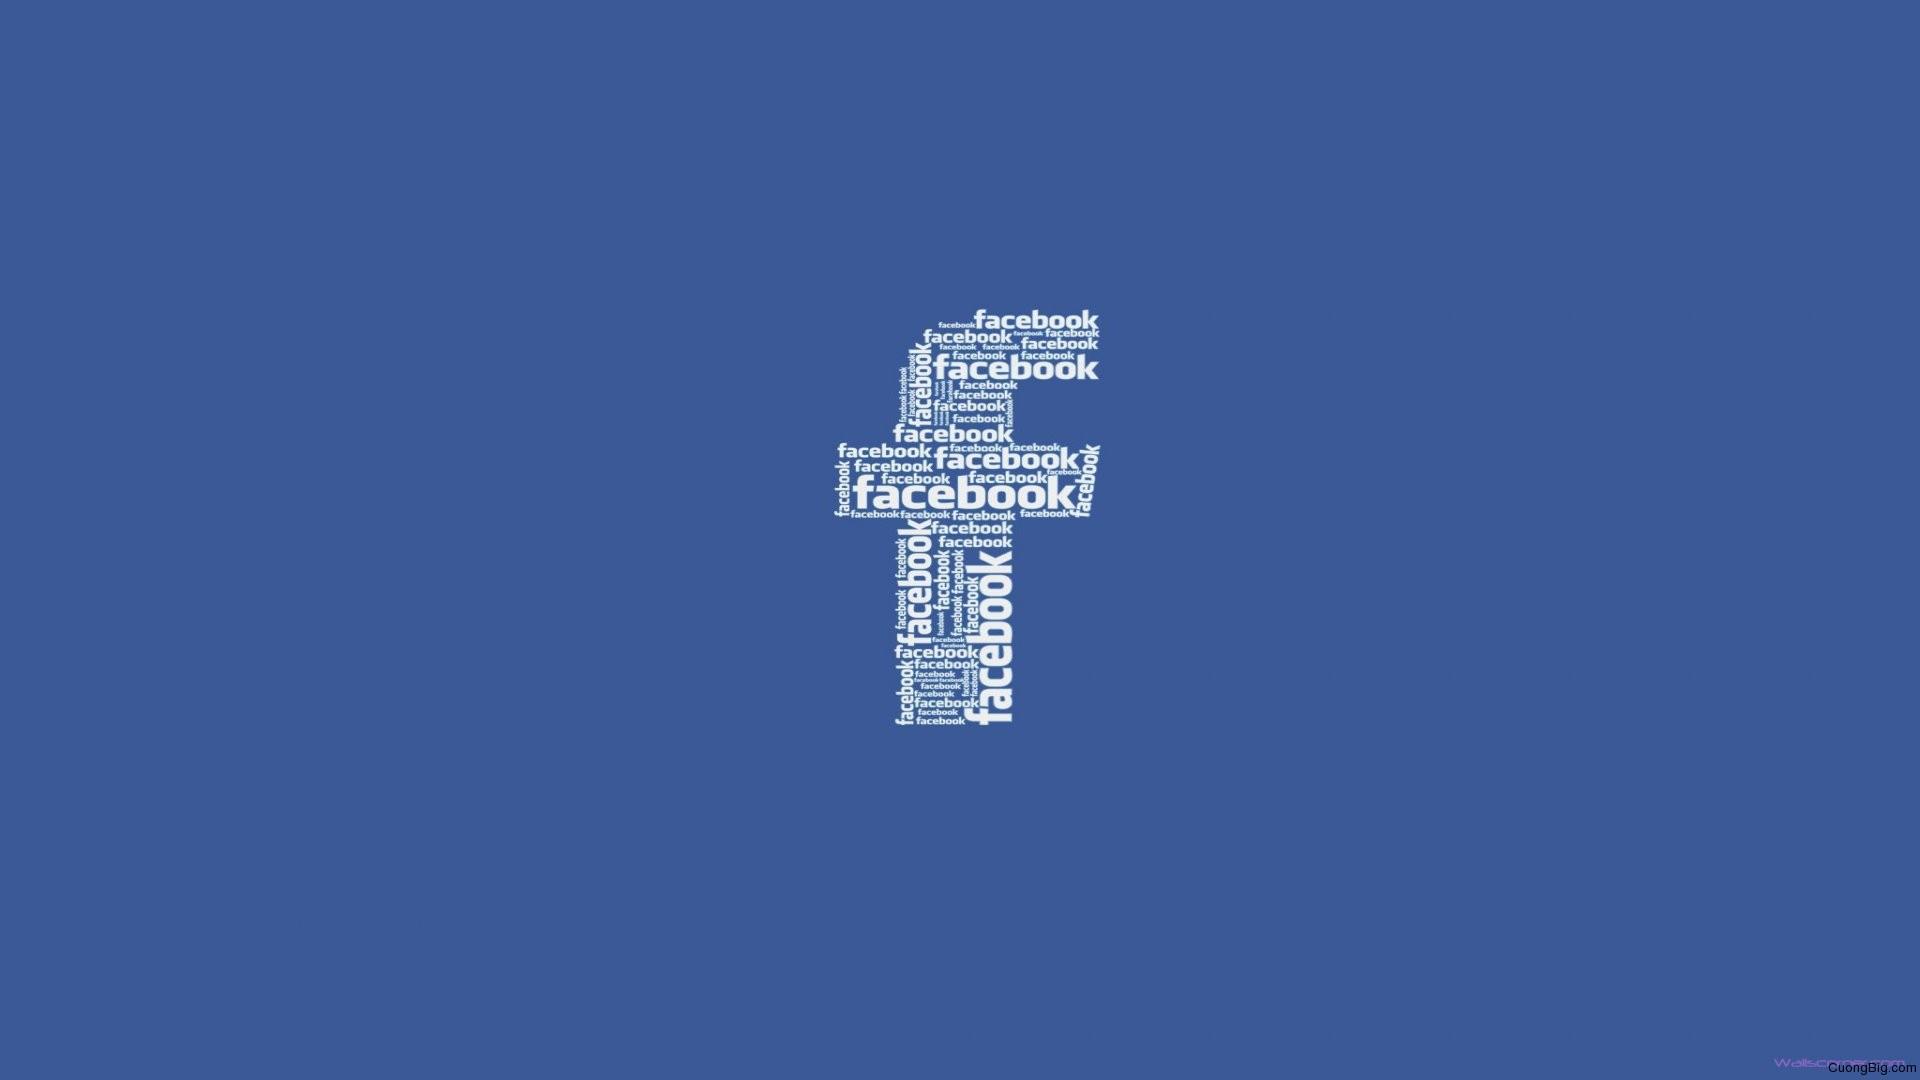 Một số lưu ý dành cho các bạn mới làm hoặc sắp bán hàng online trên facebook